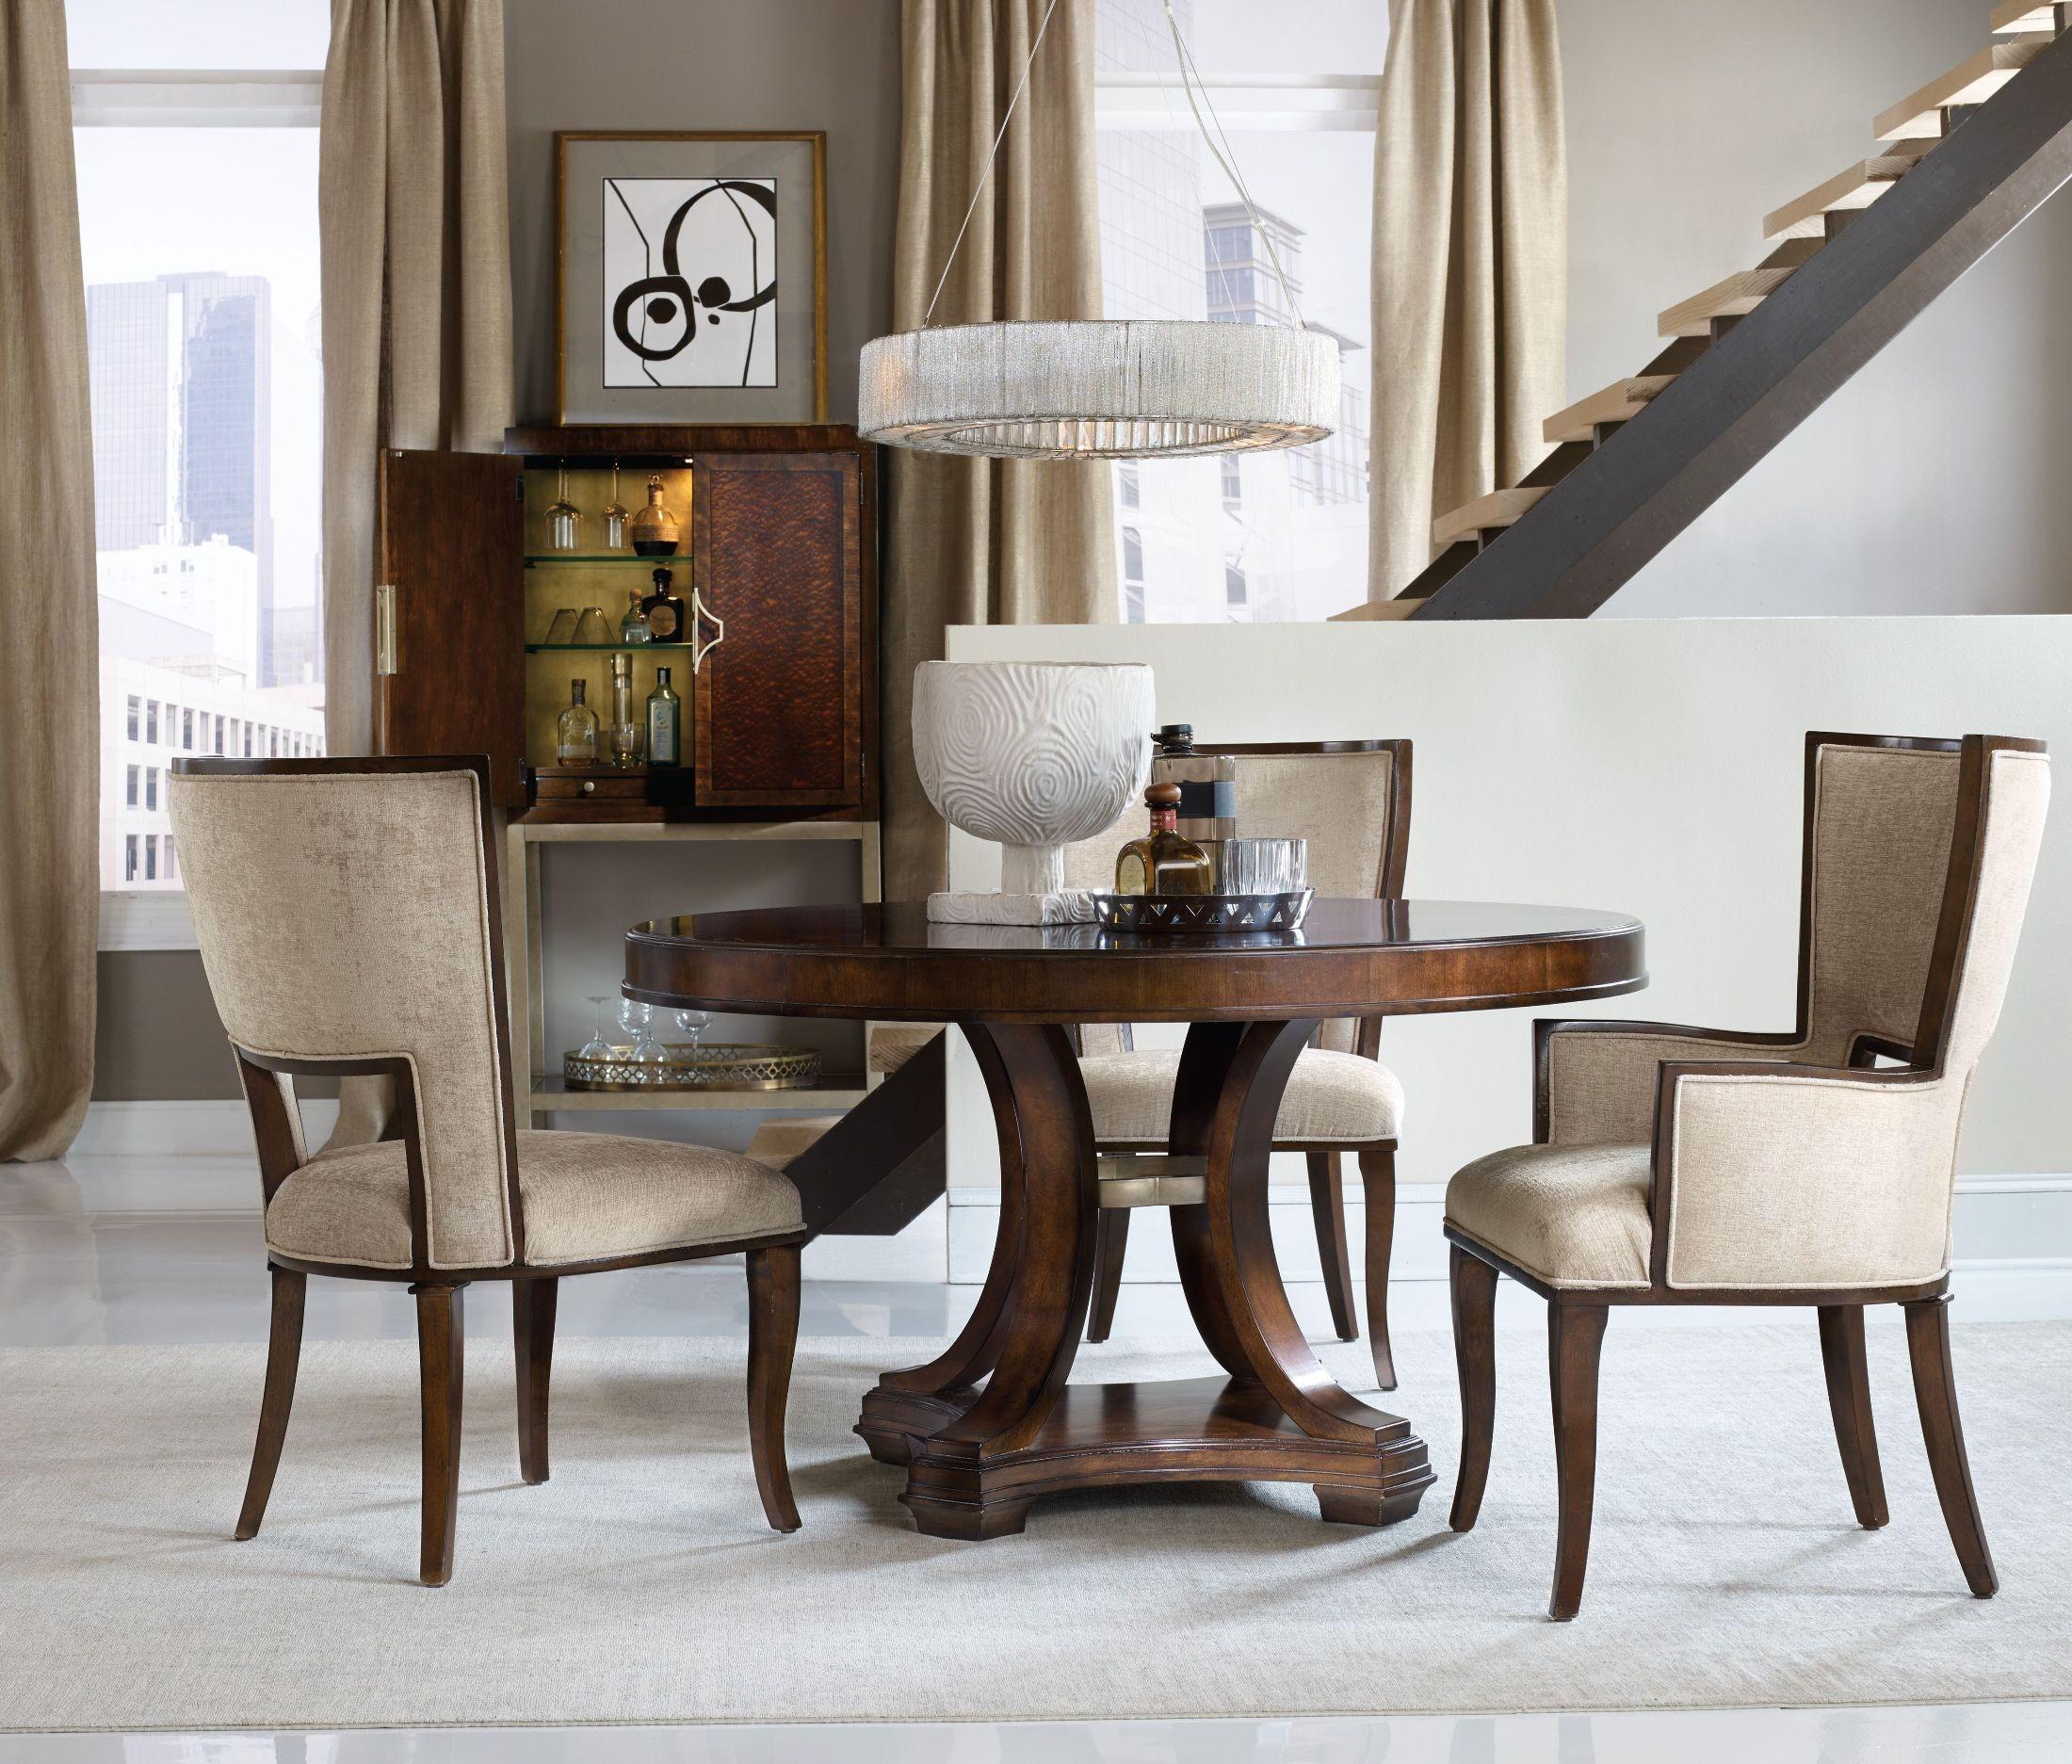 skyline brown round dining room set 5336 75203 hooker furniture. Black Bedroom Furniture Sets. Home Design Ideas